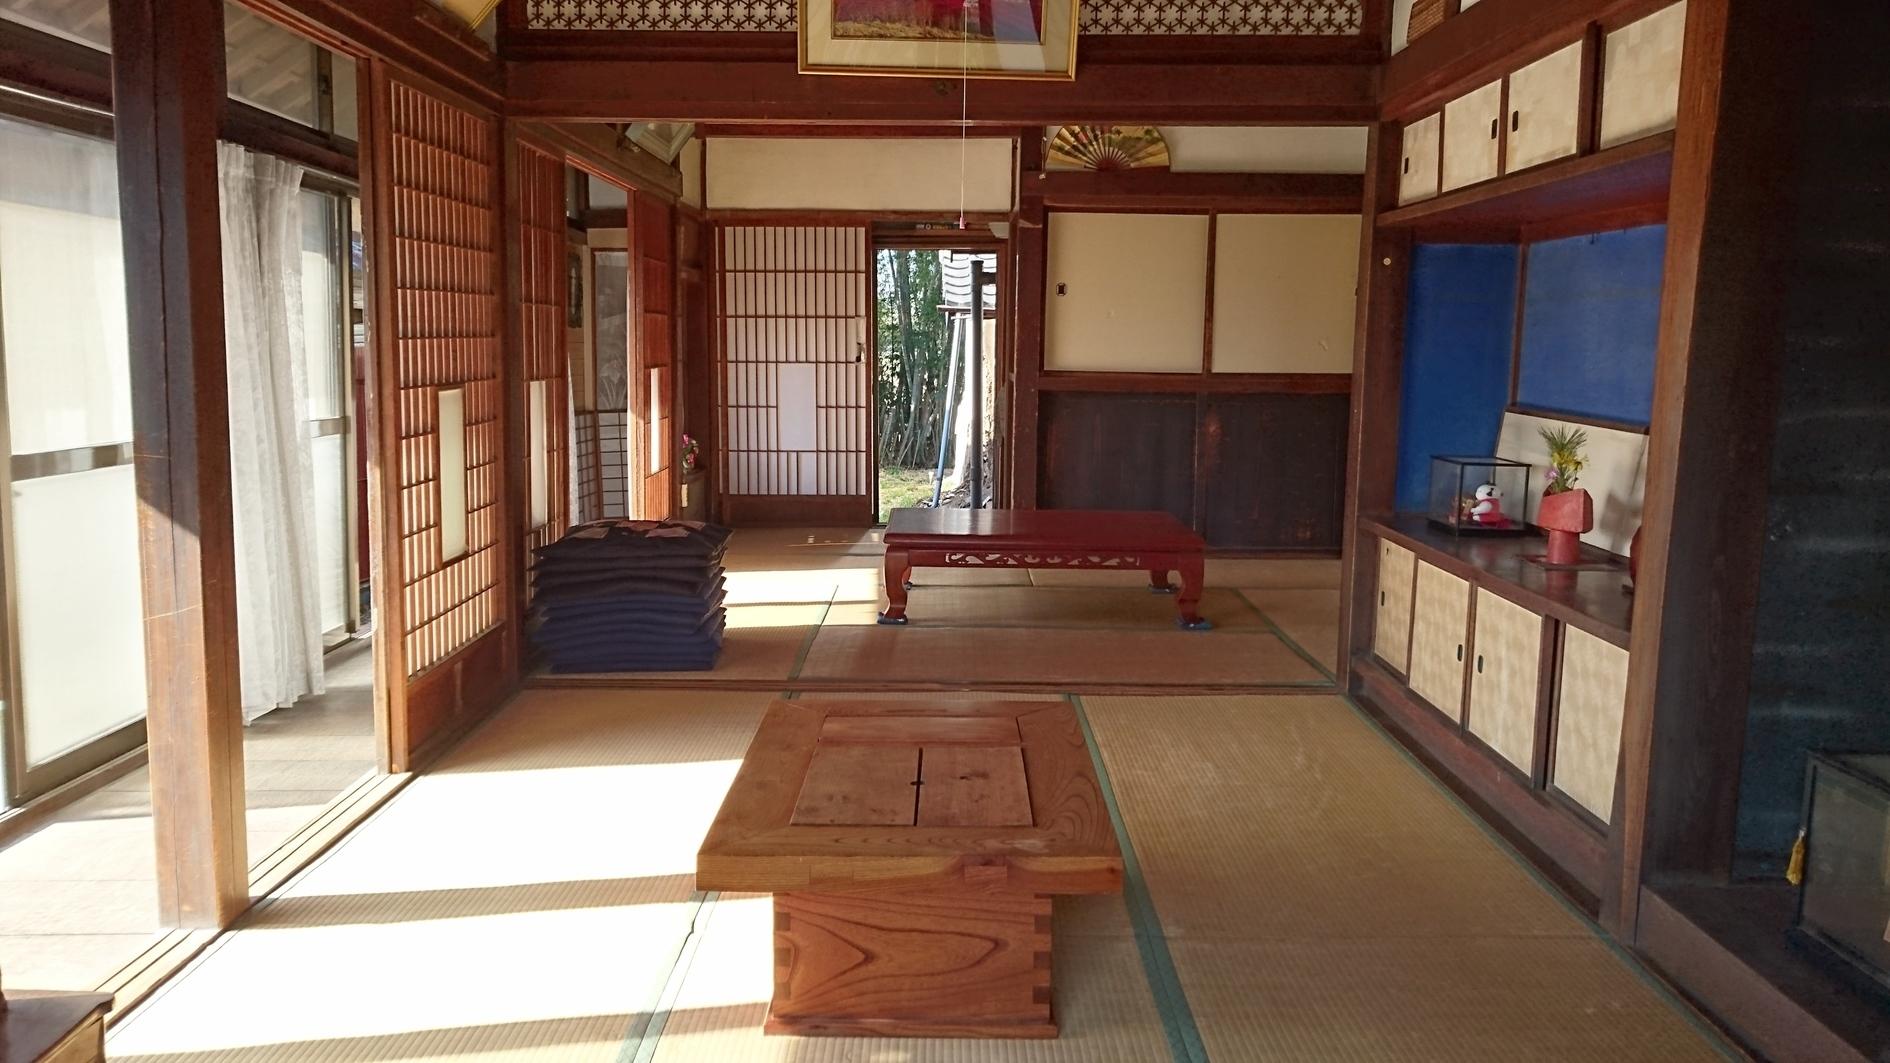 【築120年の古民家】火鉢のある、和みの空間で癒されてください(春皐園(Shunkouen)) の写真0